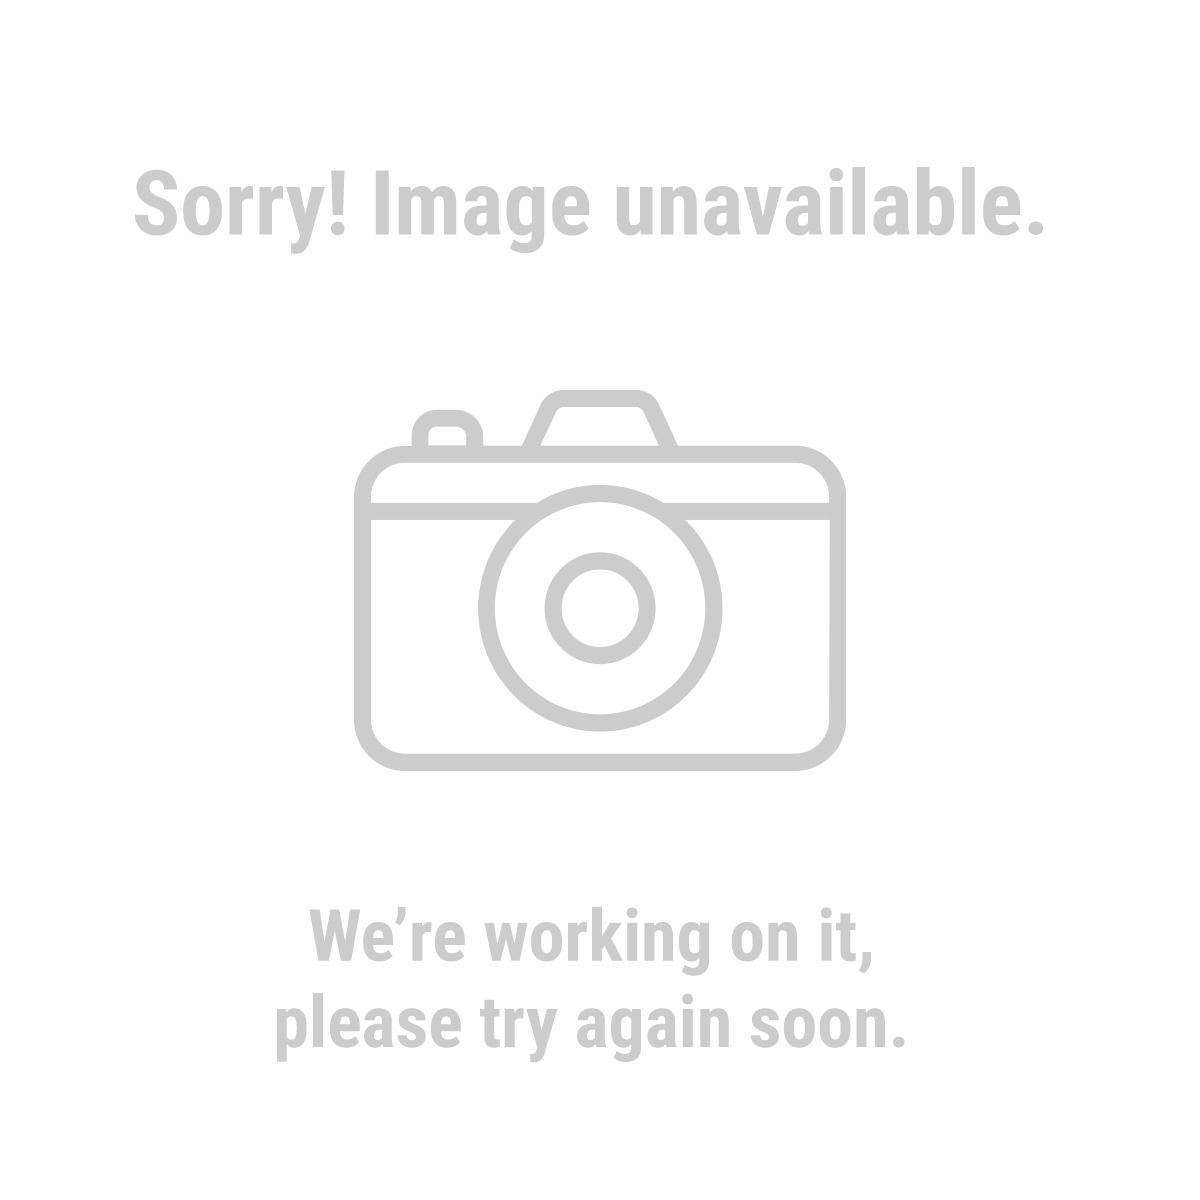 Central Forge 93347 3 Piece Paint Scraper Set